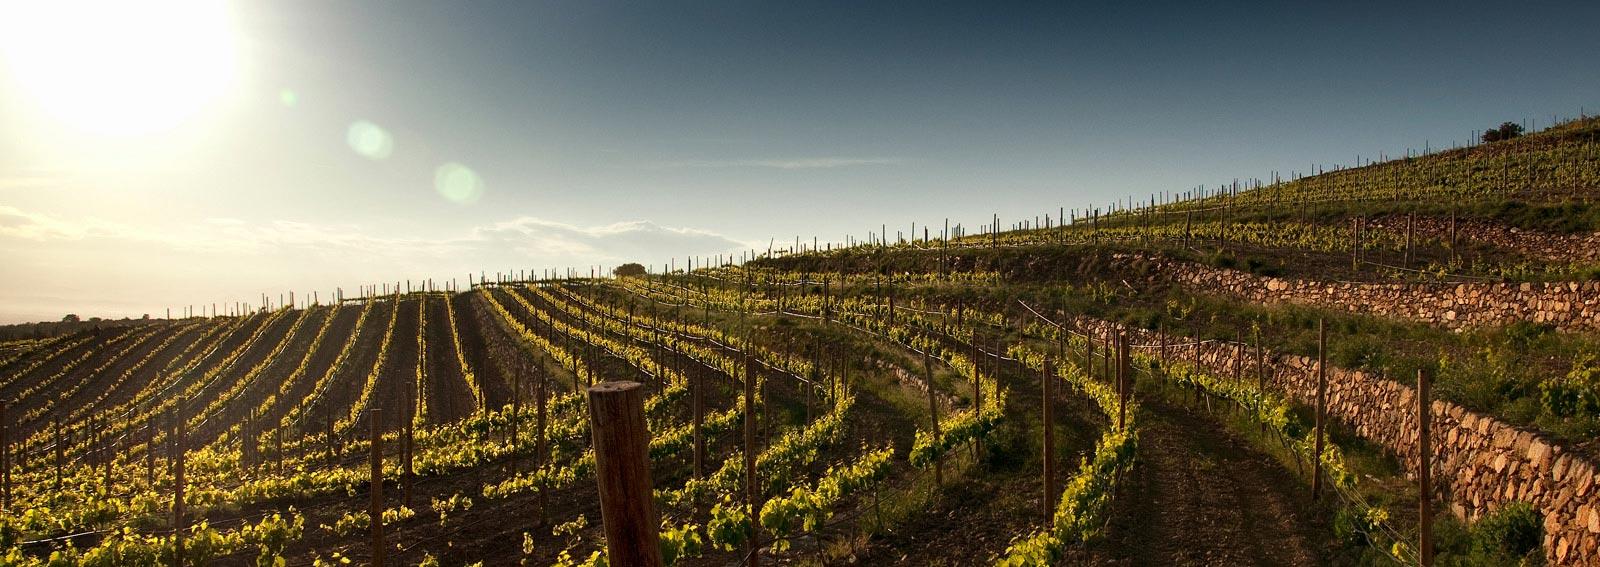 Een deel van De 25 hectare tellende wijngaard in Cap de Creus die wij zullen onderhouden